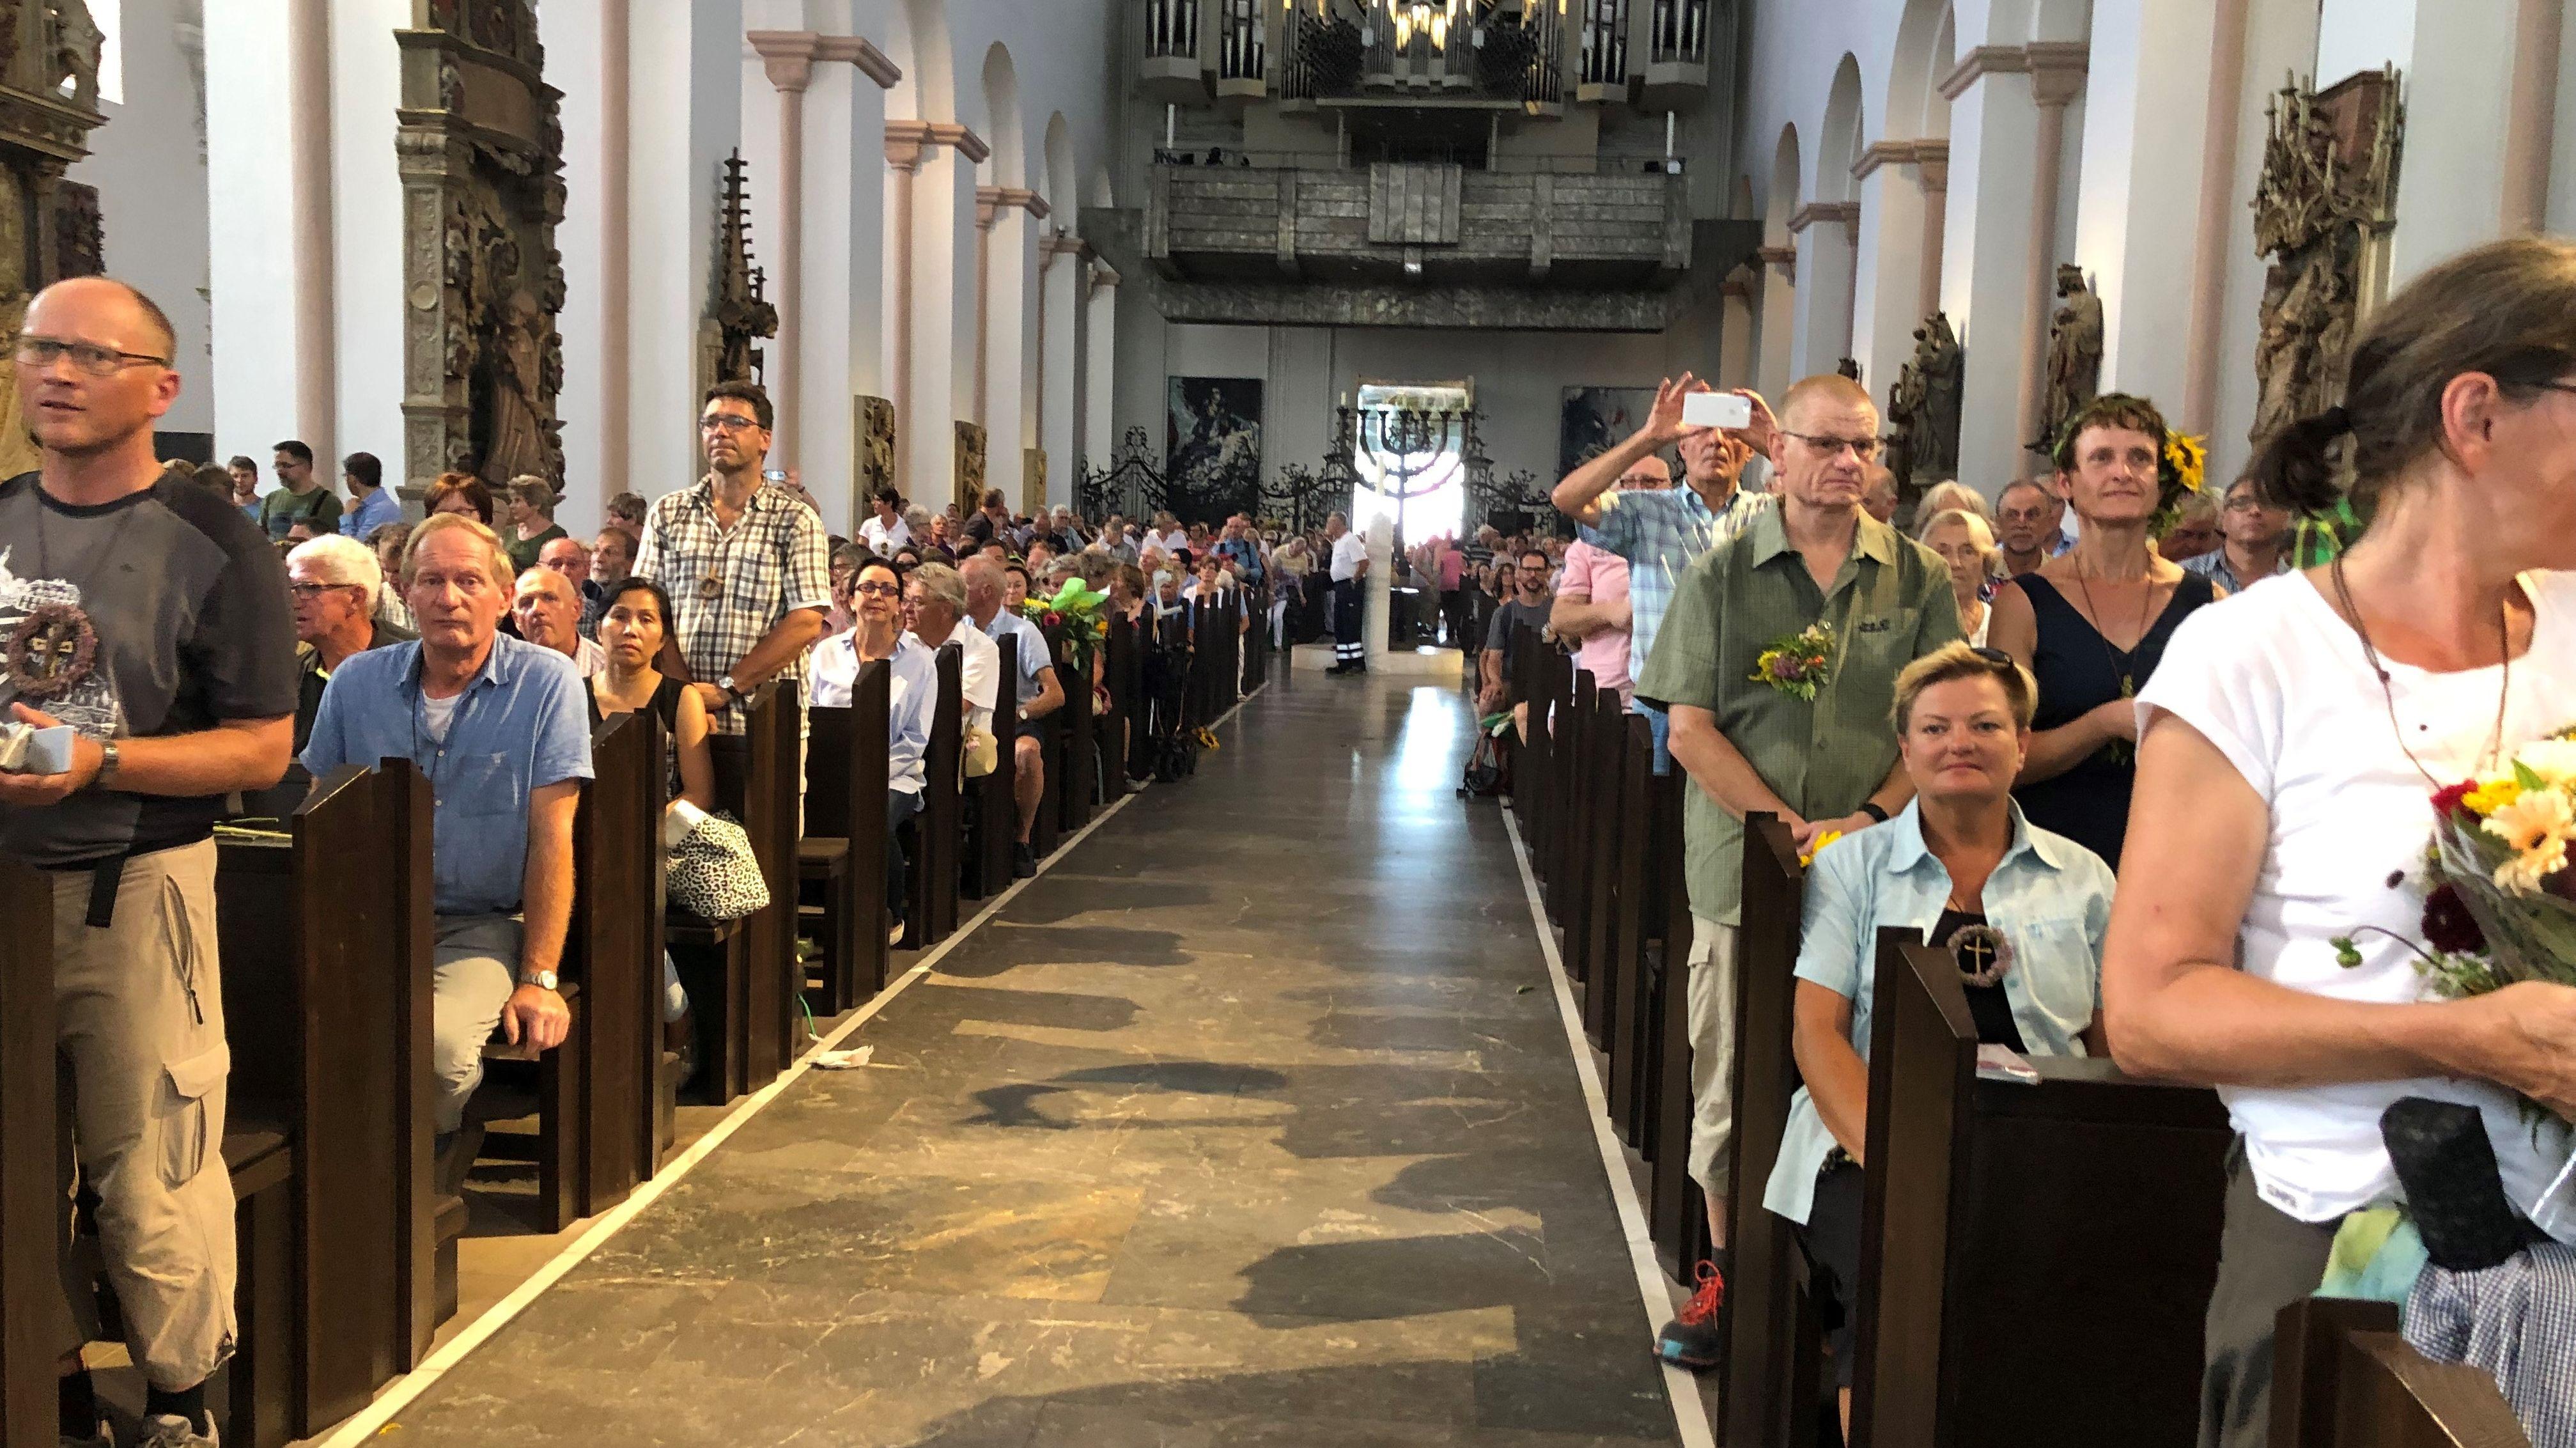 Die Wallfahrt endete im gut gefüllten Würzburger Kiliansdom mit einem Segensgottesdienst.